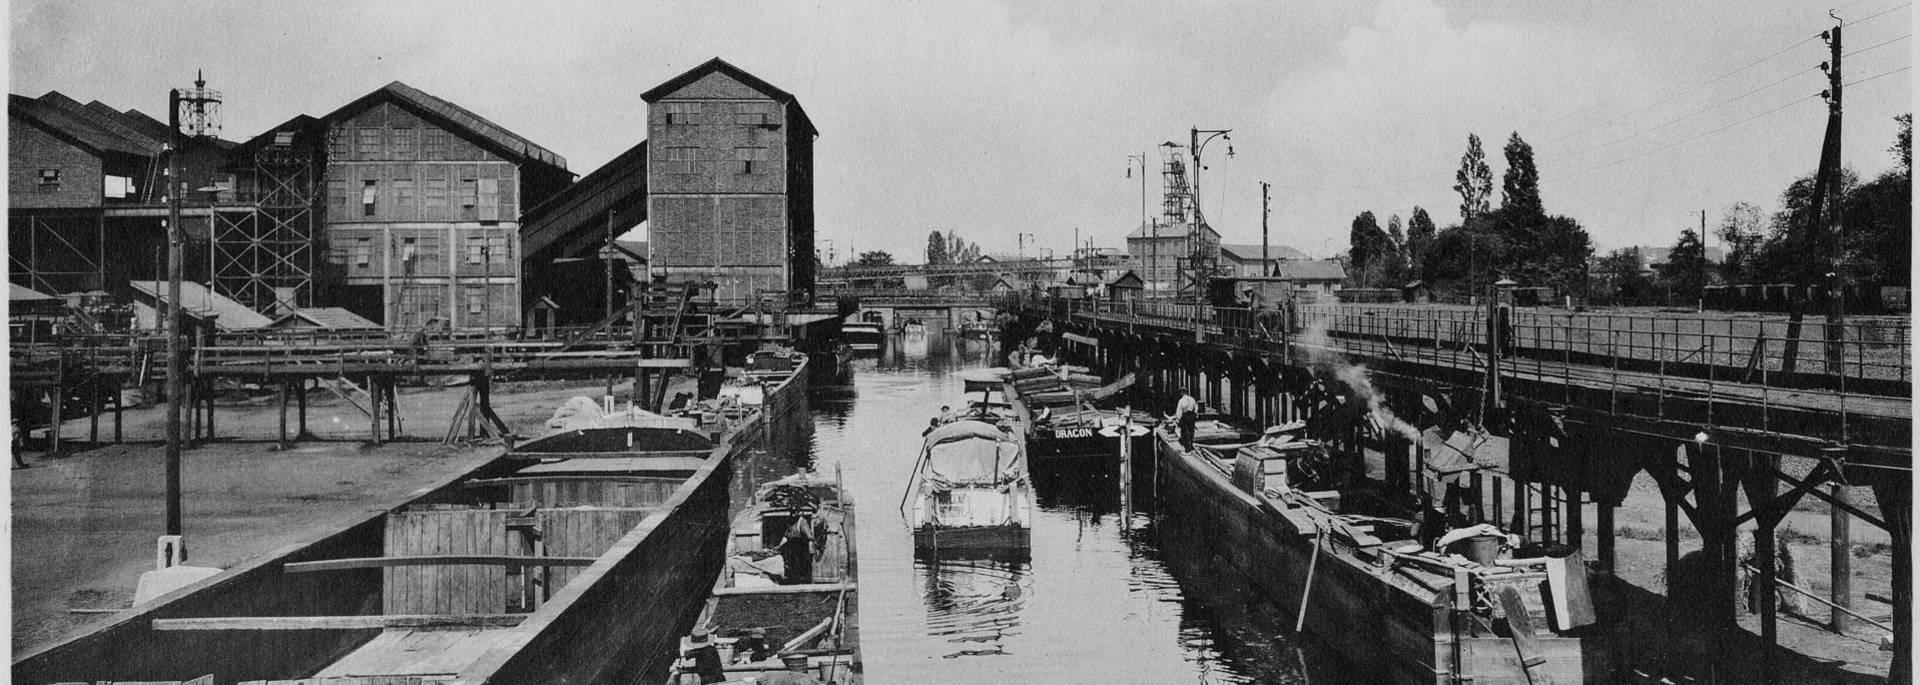 L'ancien port de la mine à Montceau, en 1927. © CUCM, document Écomusée. Reproduction D. Busseuil.